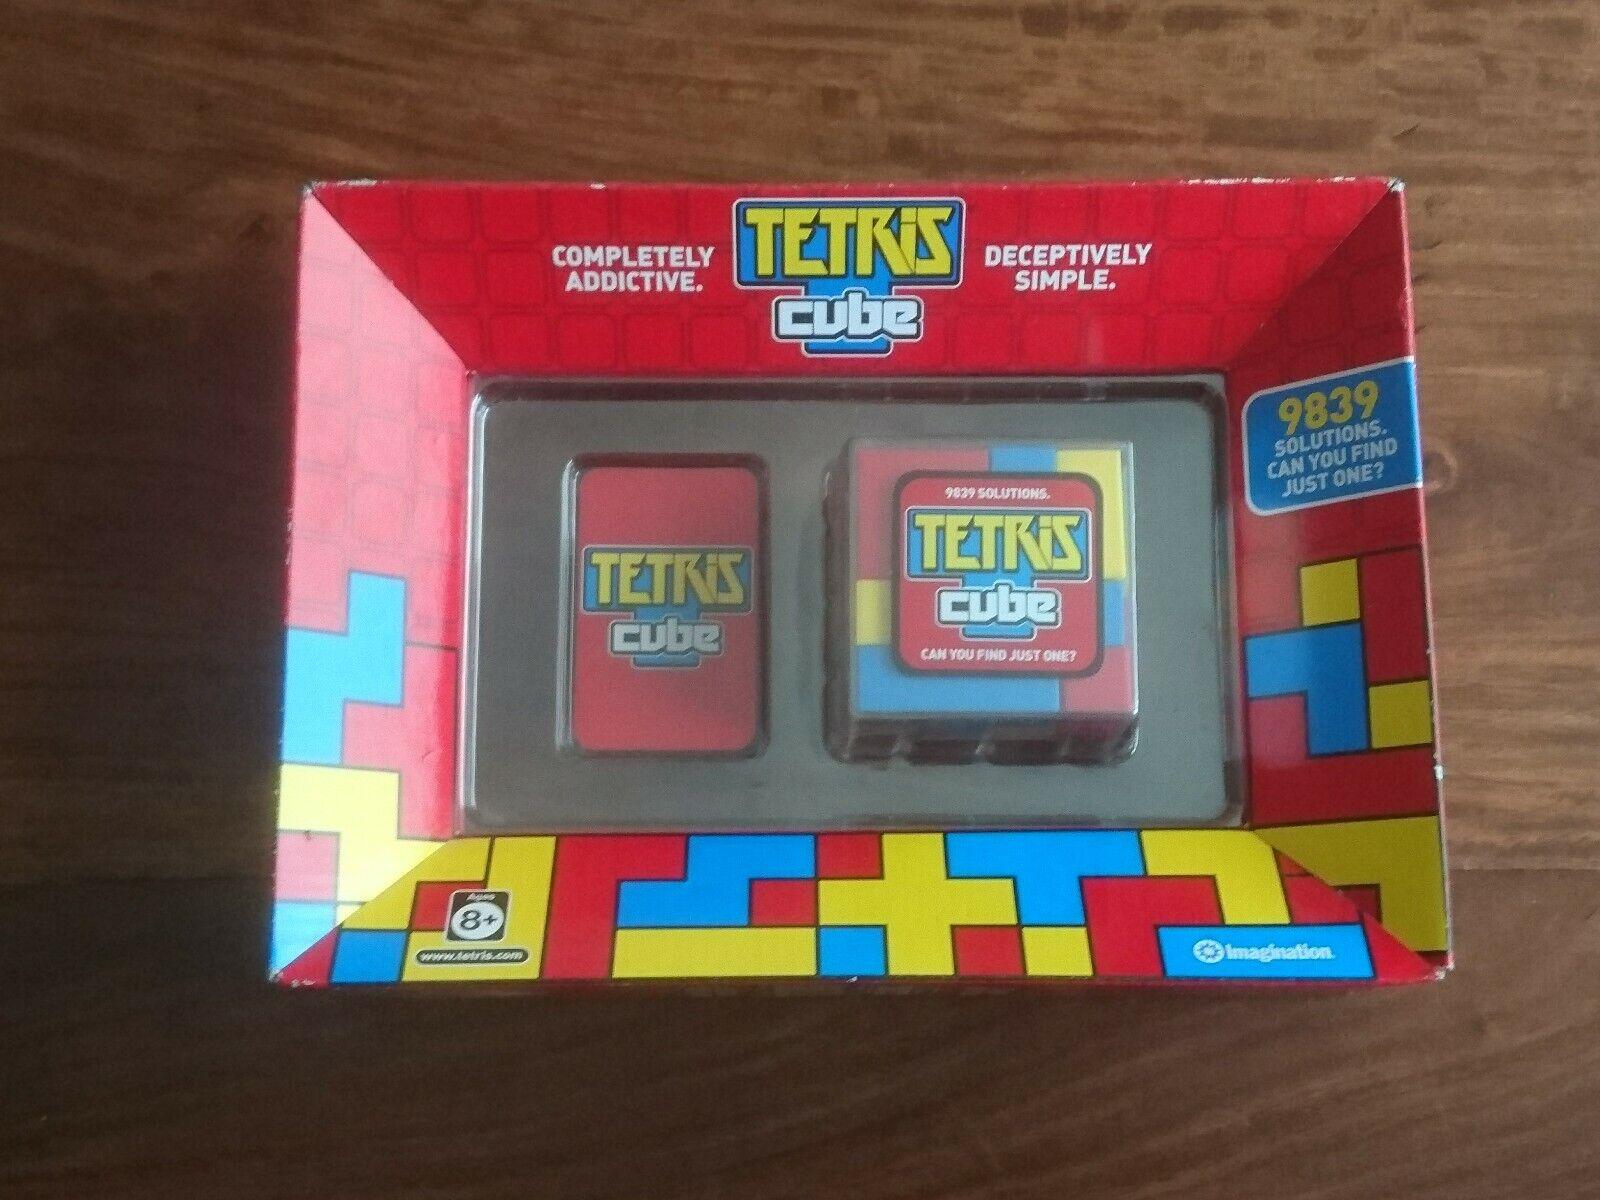 Original Tetris Cube (2007 imagination) UNOPENED.